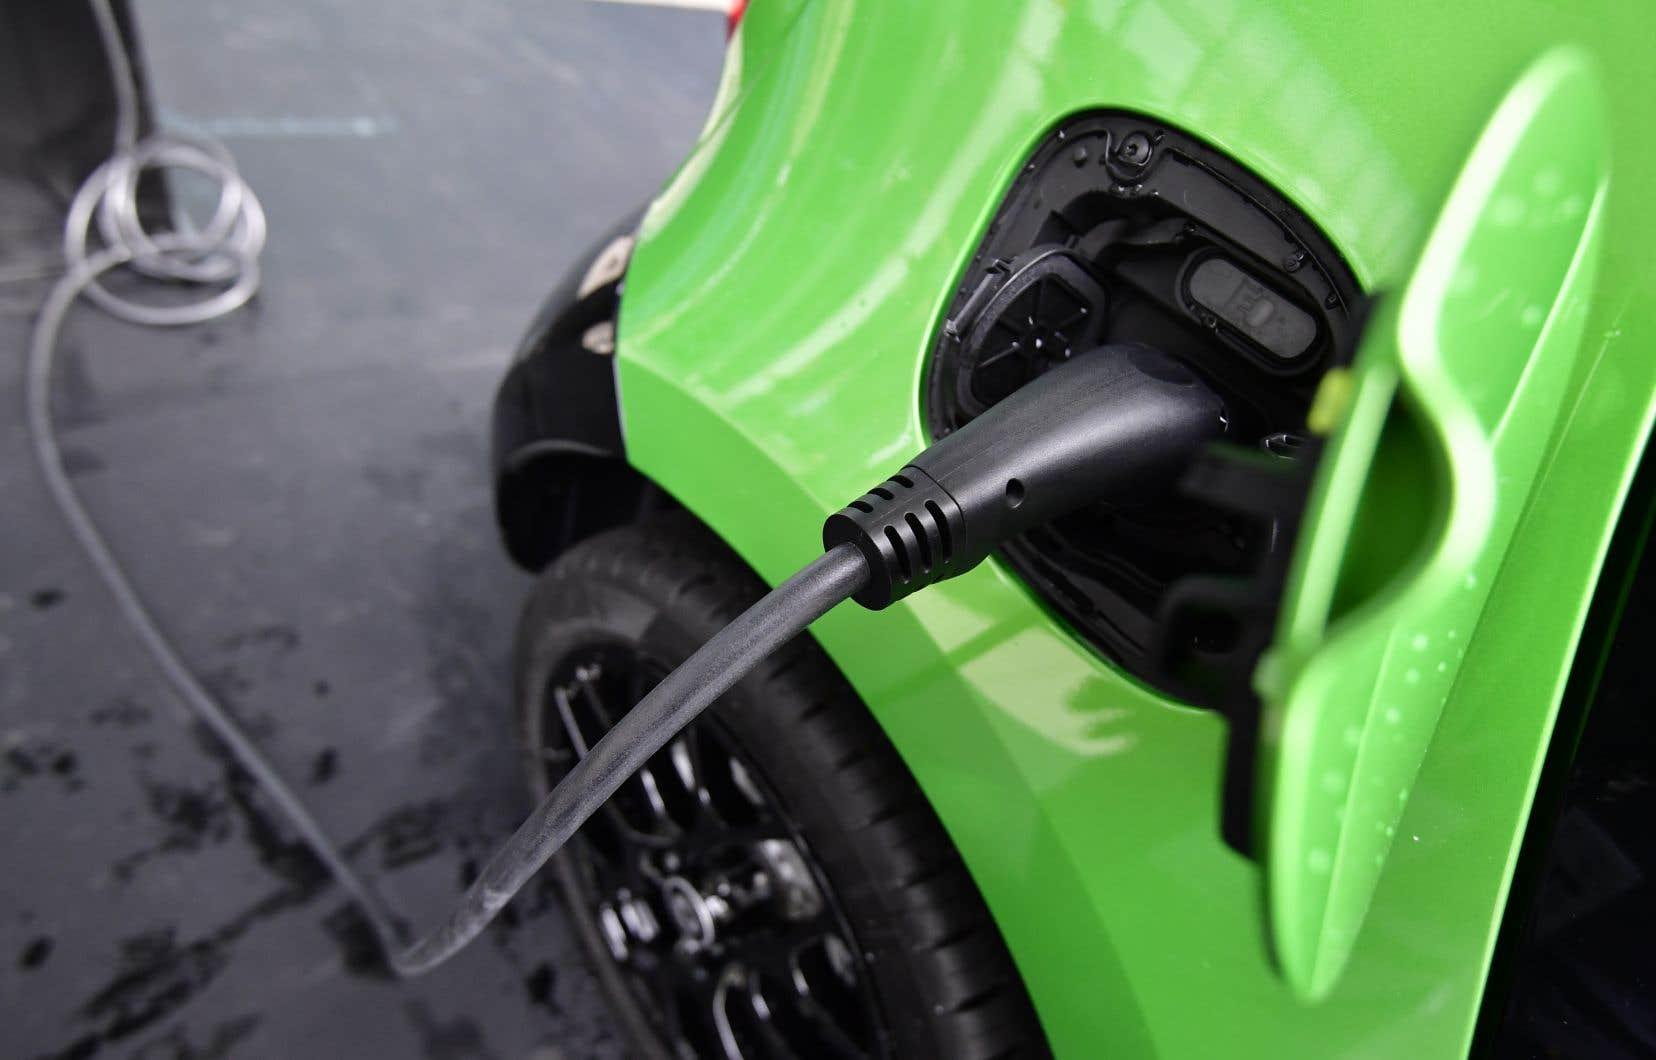 La Norvège est devenue un laboratoire pour le reste du monde en matière de véhicules électriques, une étude de marché en temps réel.